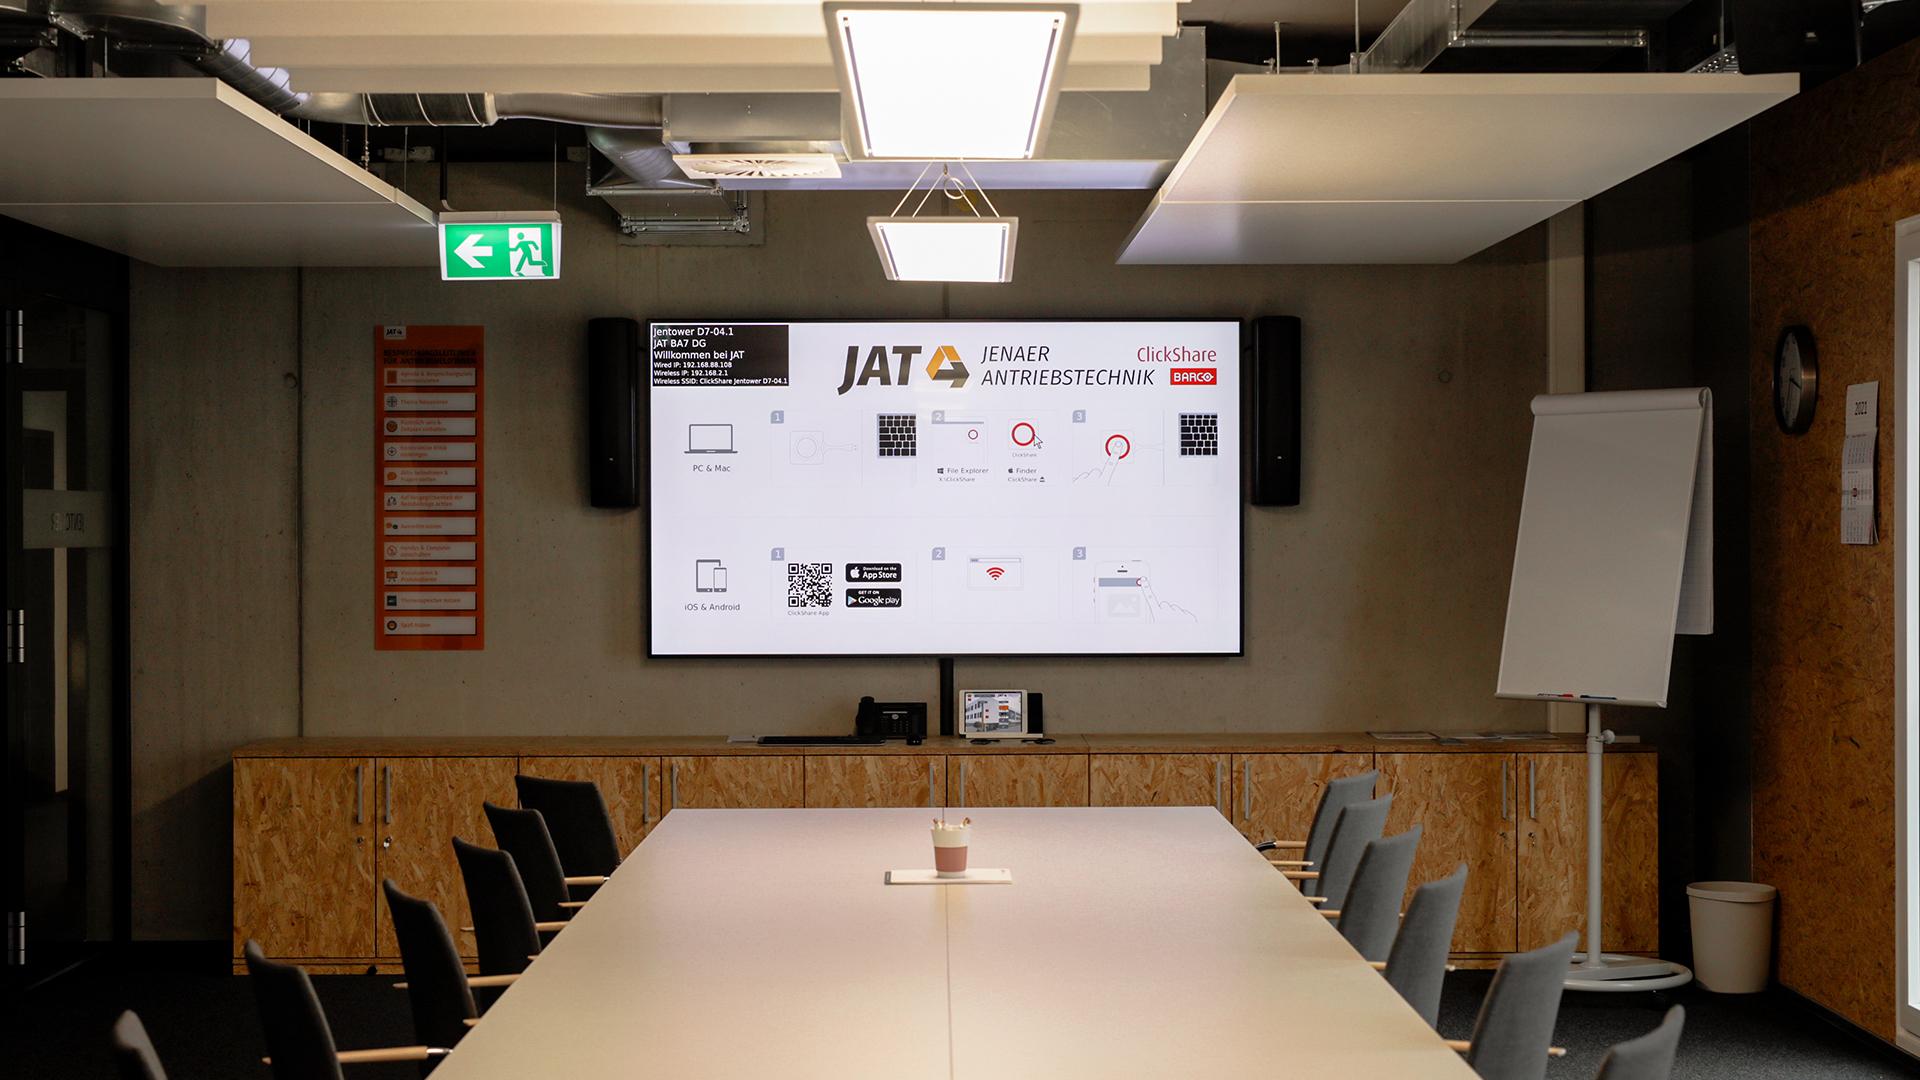 Große Konferenzraum in JAT